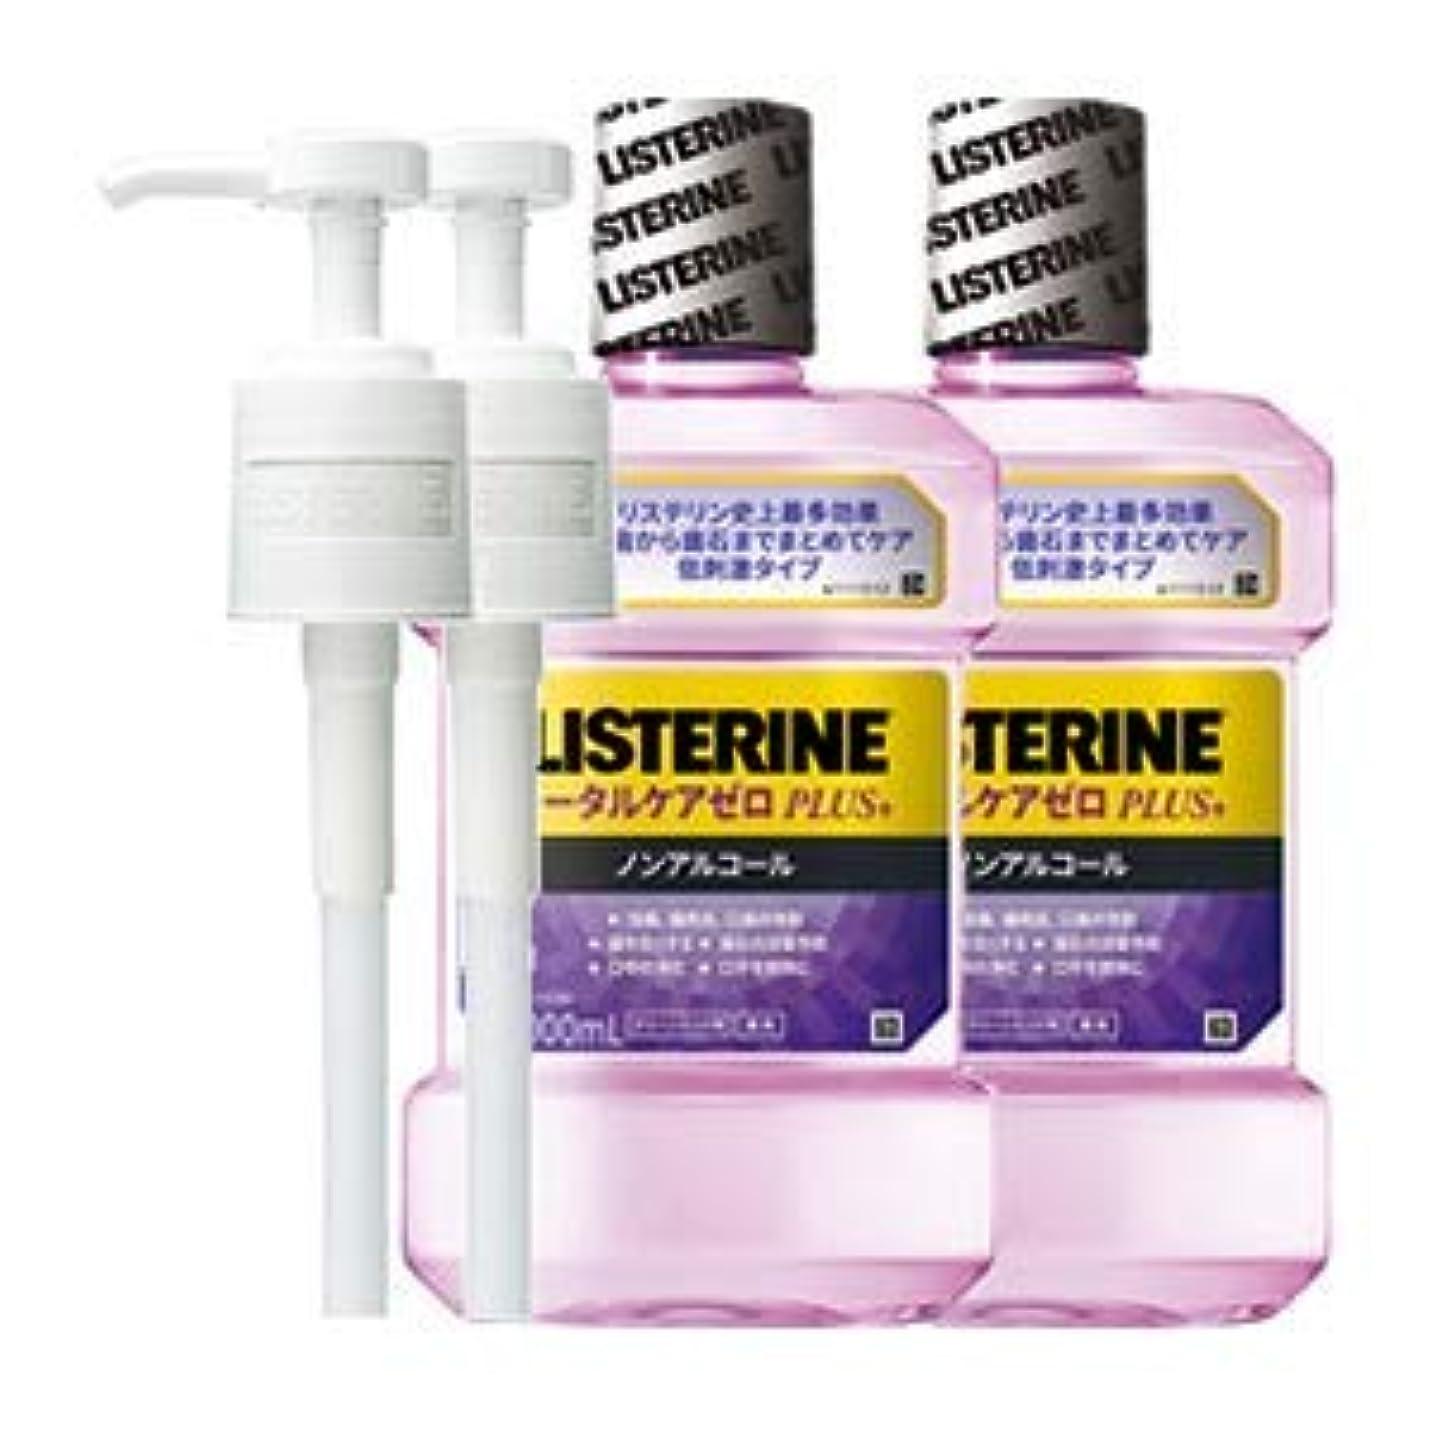 薬用リステリン トータルケアゼロプラス (液体歯磨) 1000mL 2点セット (ポンプ付)